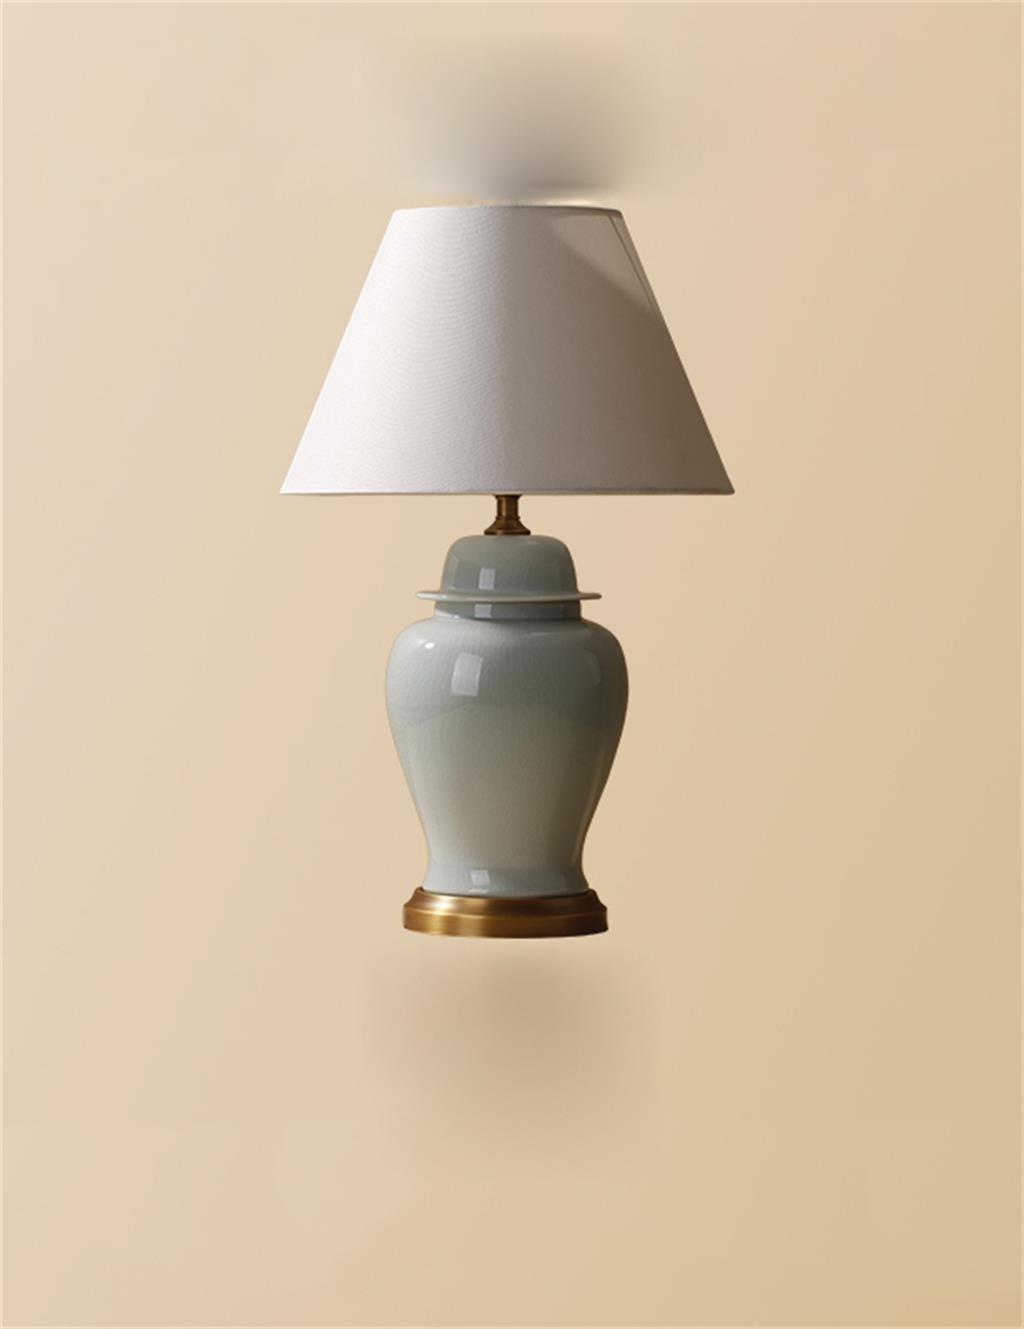 HYNH Amerikanischen minimalistischen Wohnzimmer Schlafzimmer Nachttischlampe Keramik Tischlampe Kinder Tischlampe ( größe : L )